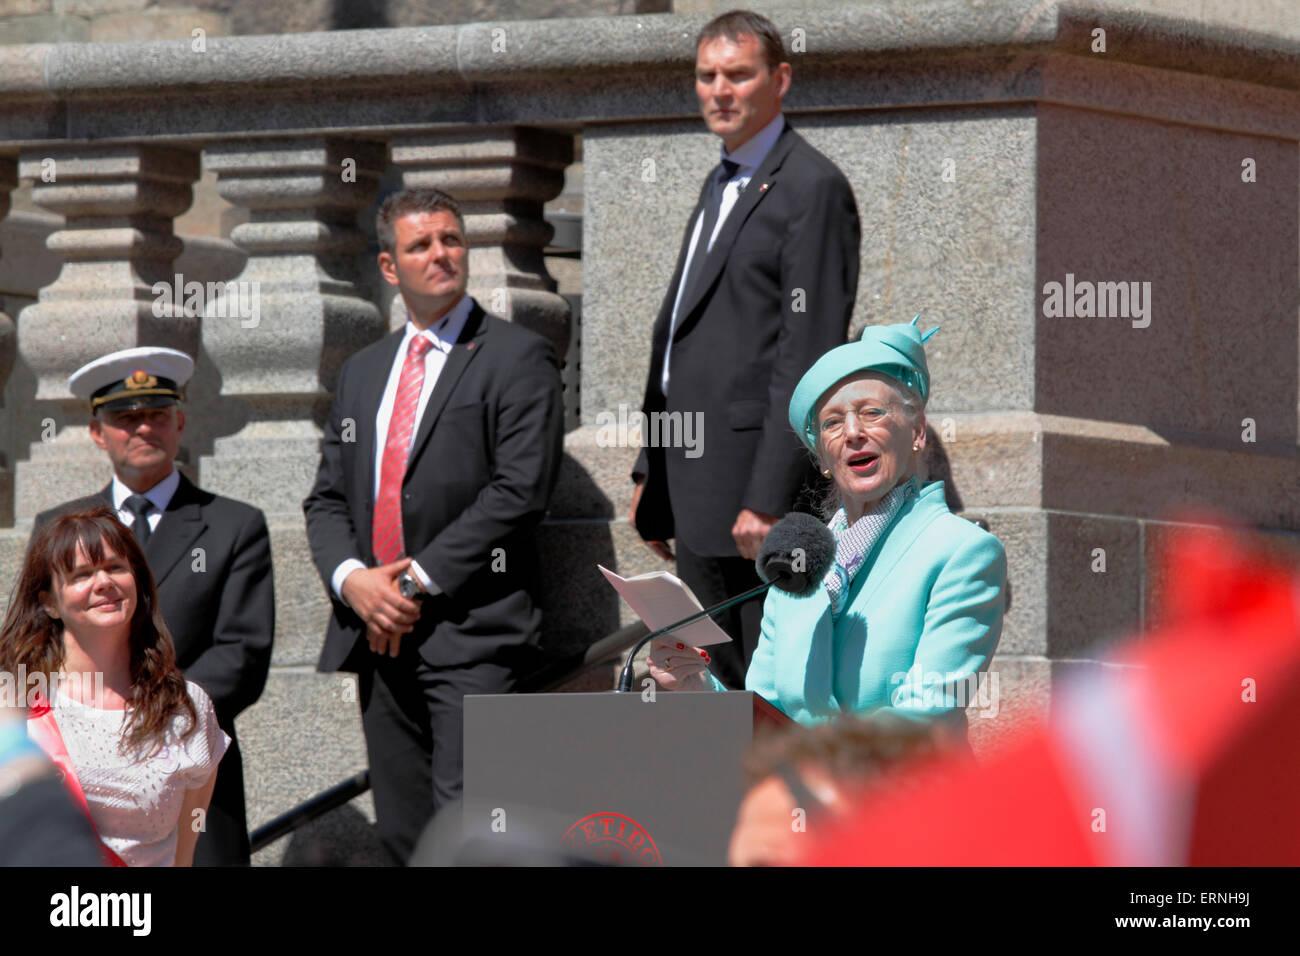 Copenhagen, Denmark, 5th June, 2015. H.M. Queen Margrethe II of Denmark speaks in the Christiansborg Palace yard - Stock Image